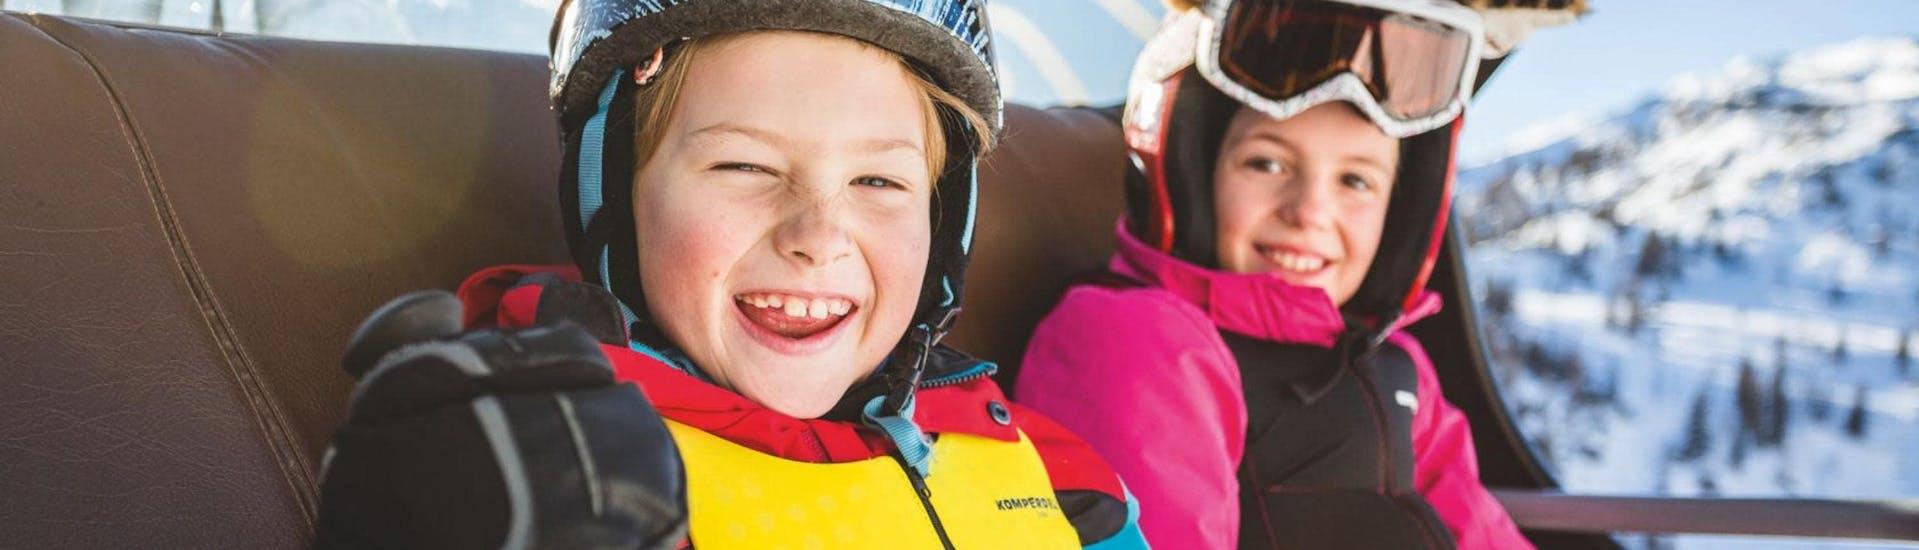 Curso de snowboard para debutantes